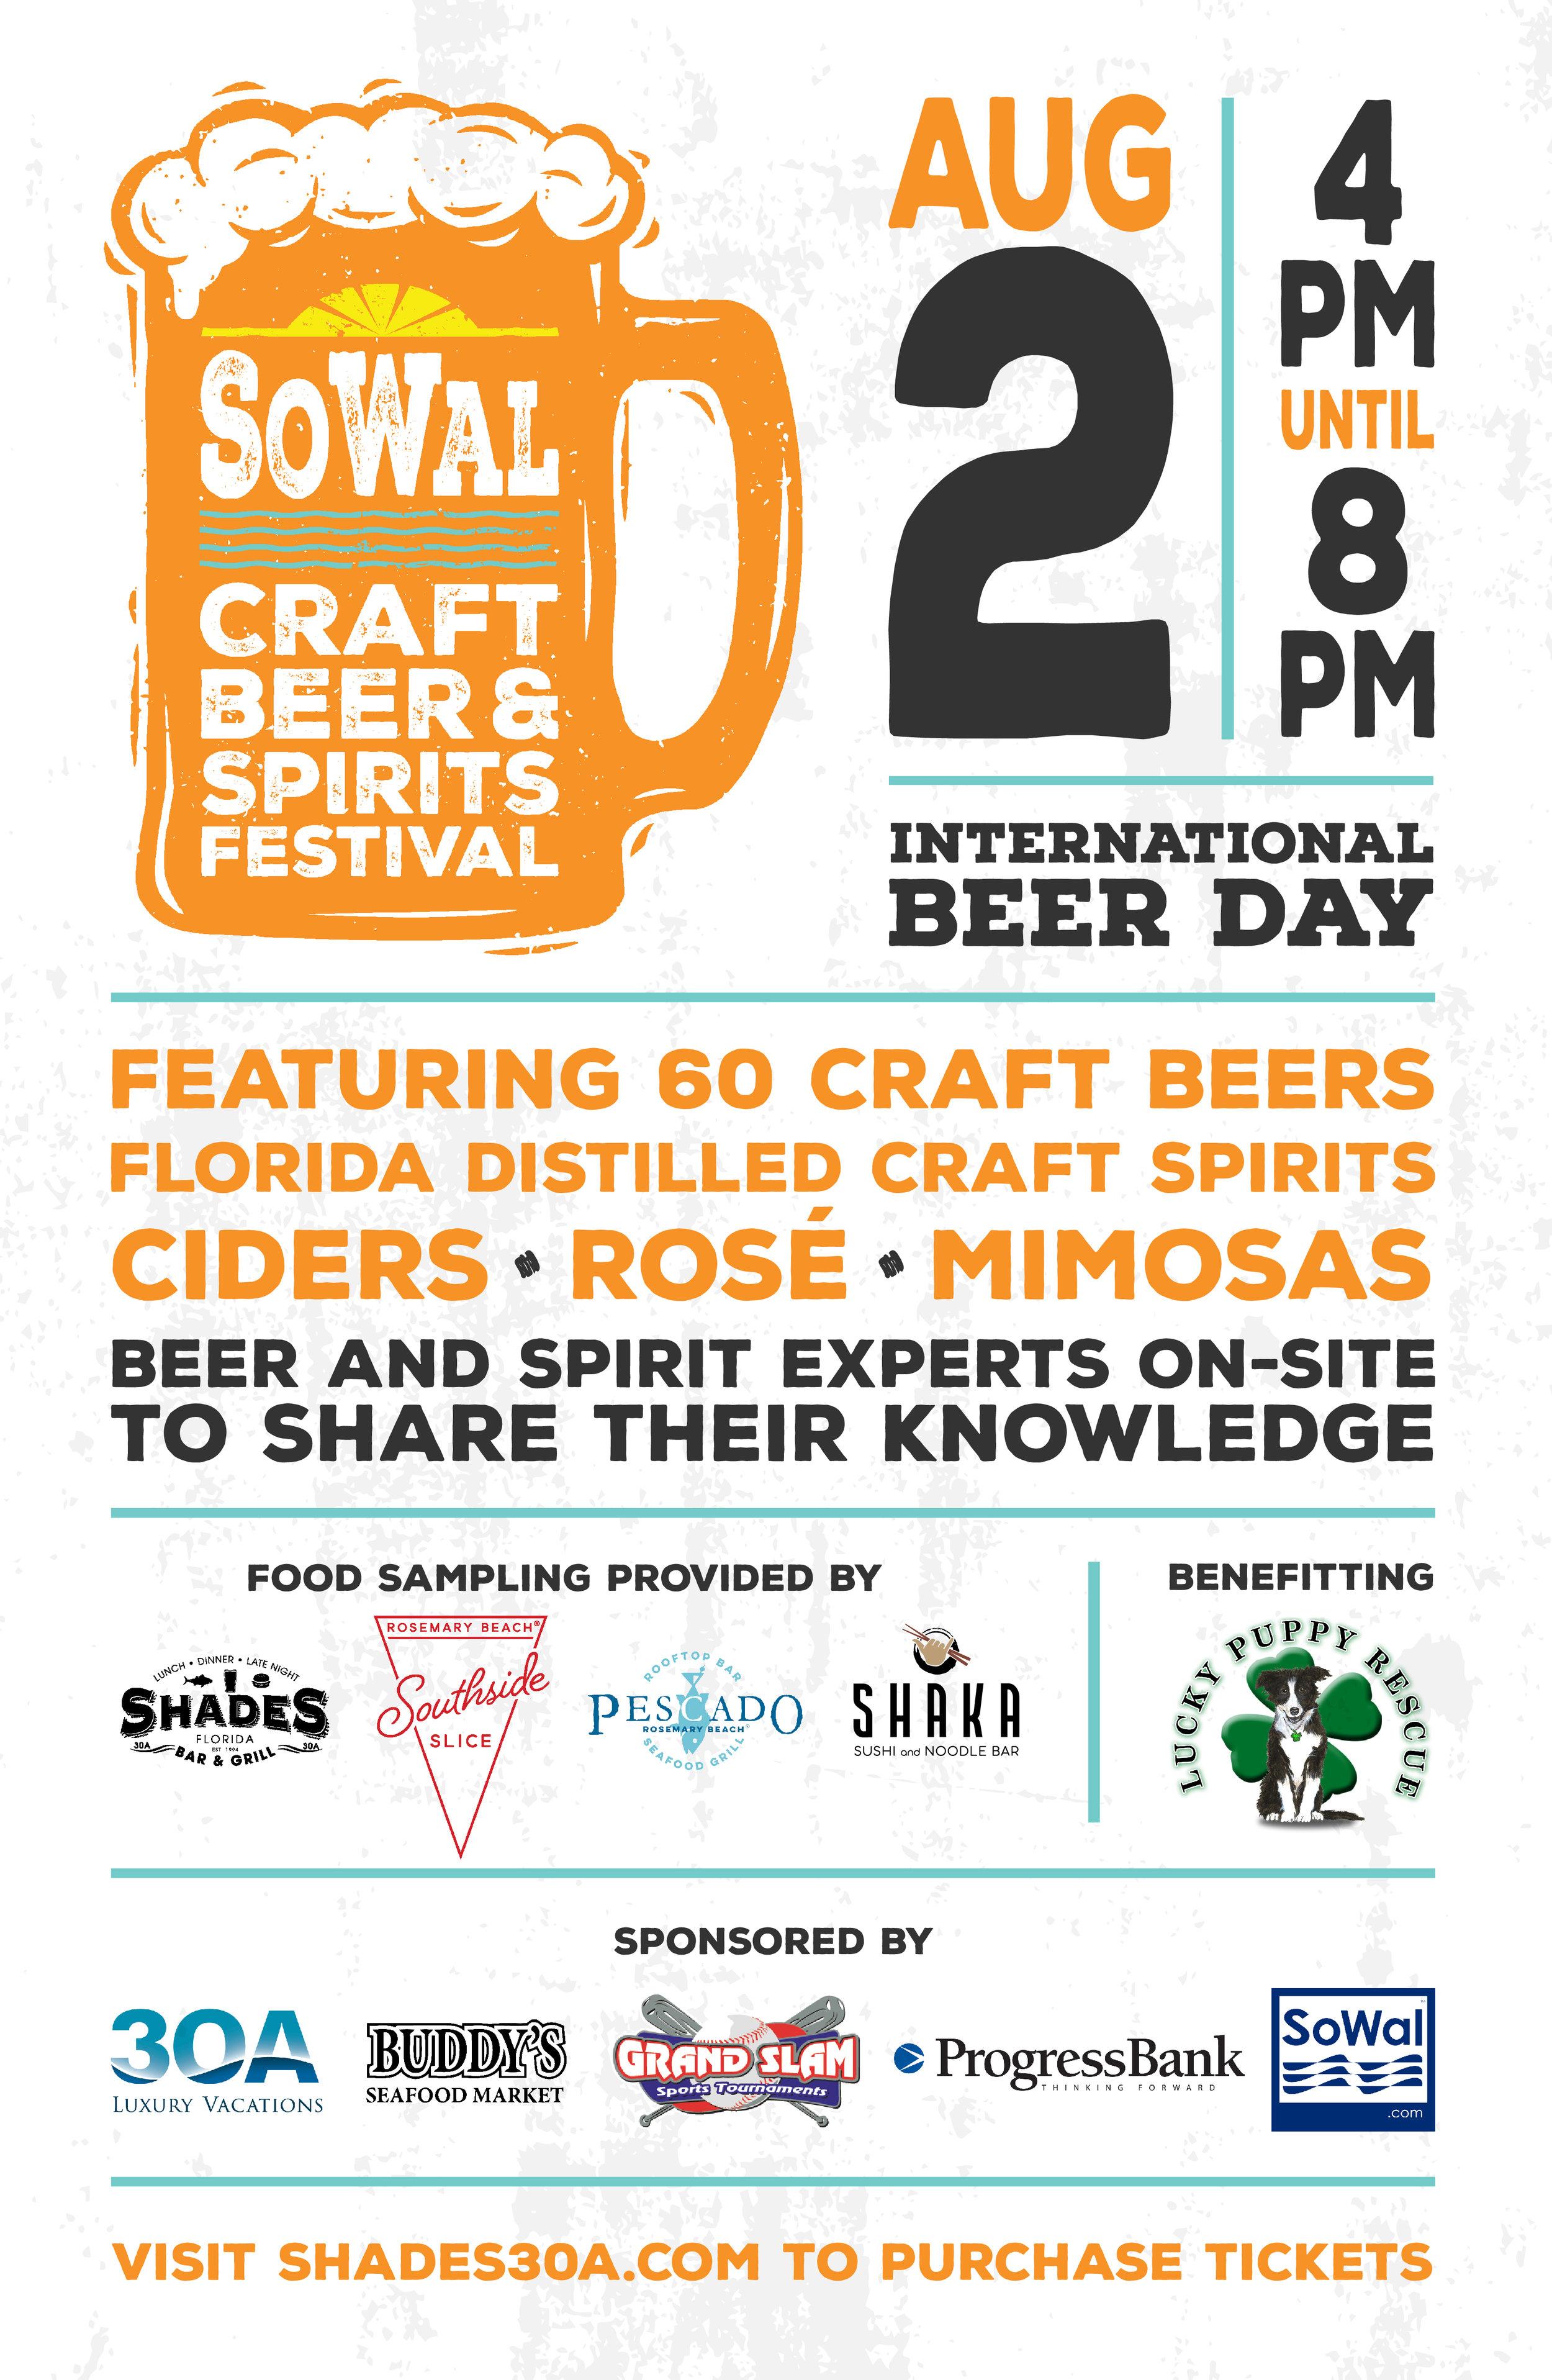 SoWal-BeerFest-2019_Poster_11x17-01.jpg